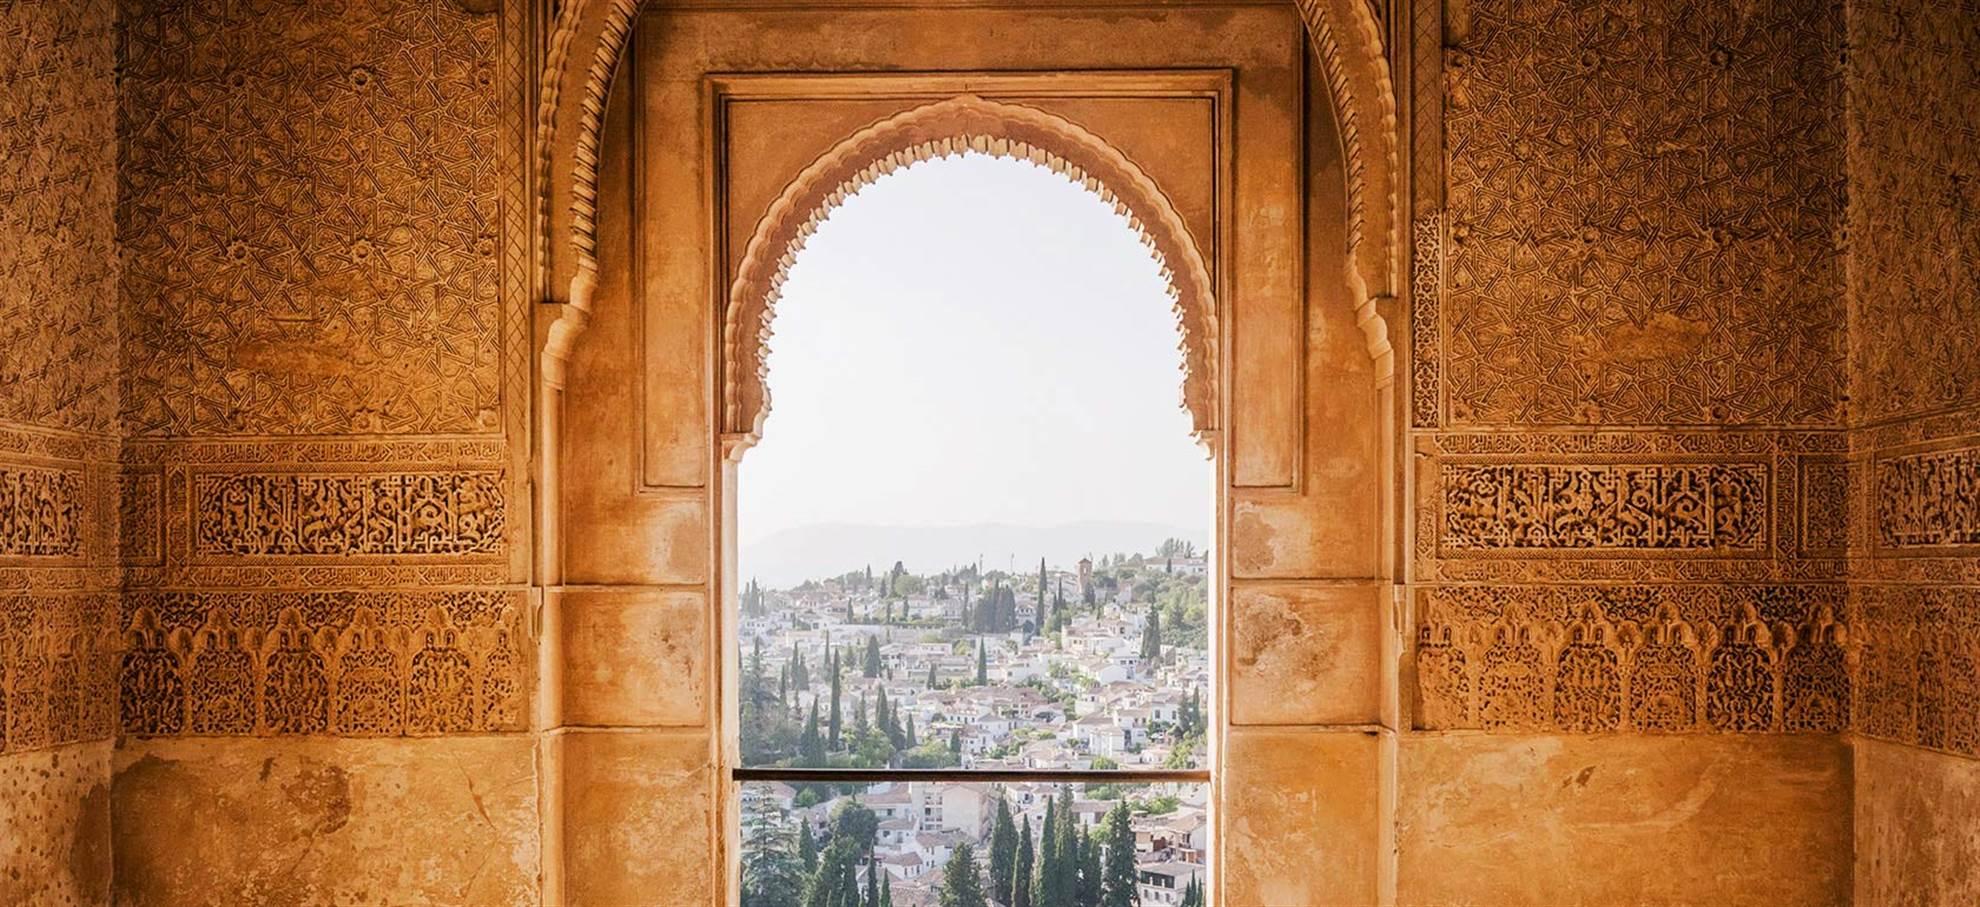 Alhambra Karte – Morgenbesuch (8.30 Uhr) – Fast Track!